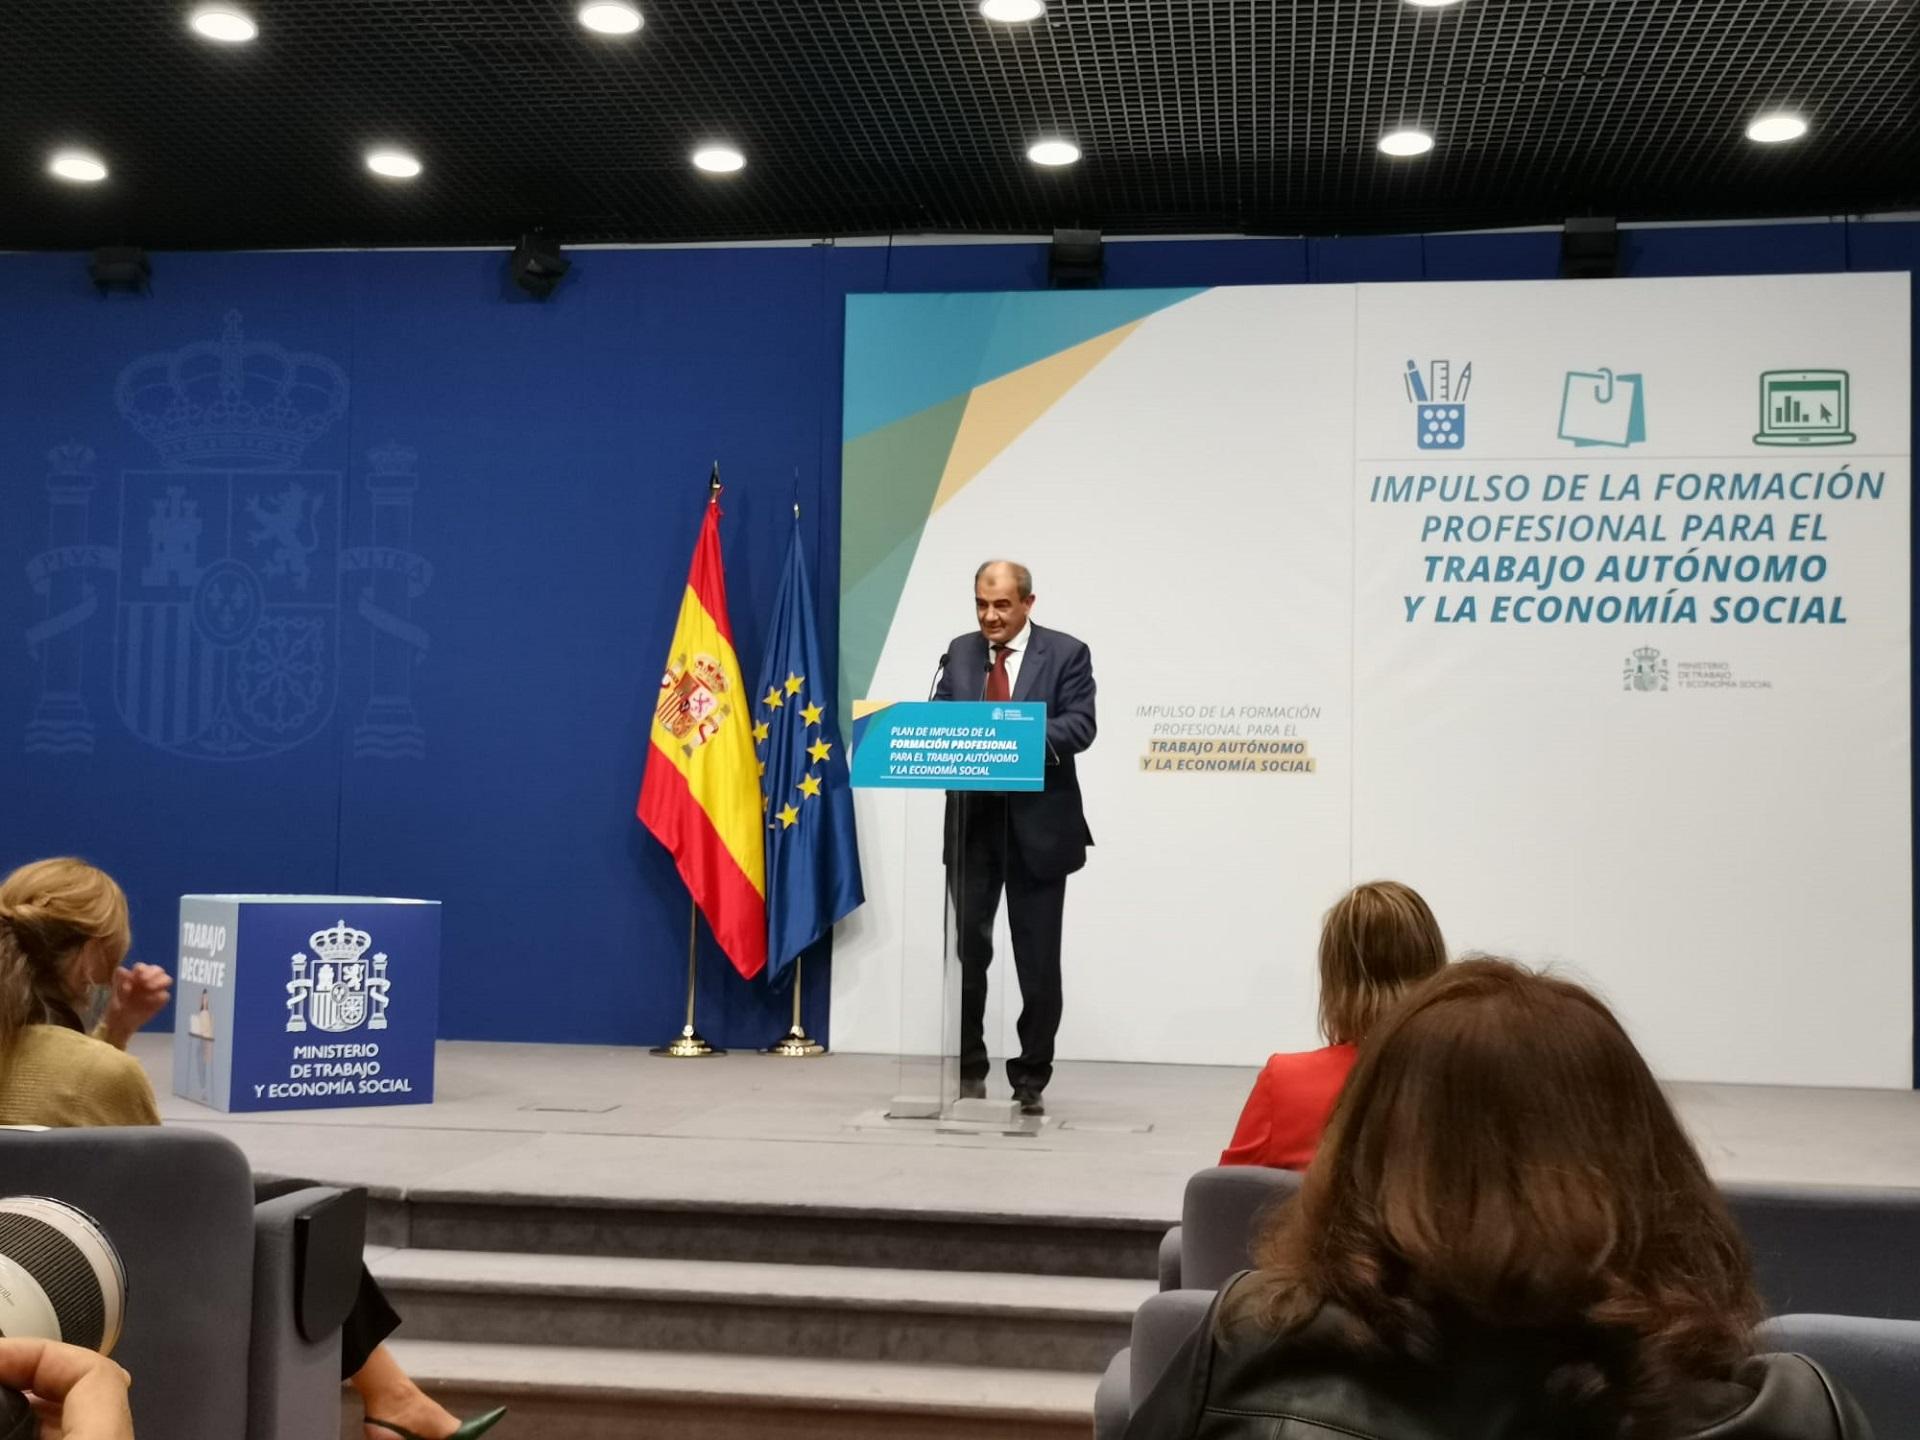 Presentado el Plan de Impulso de la Formación Profesional del Trabajo Autónomo y la Economía Social